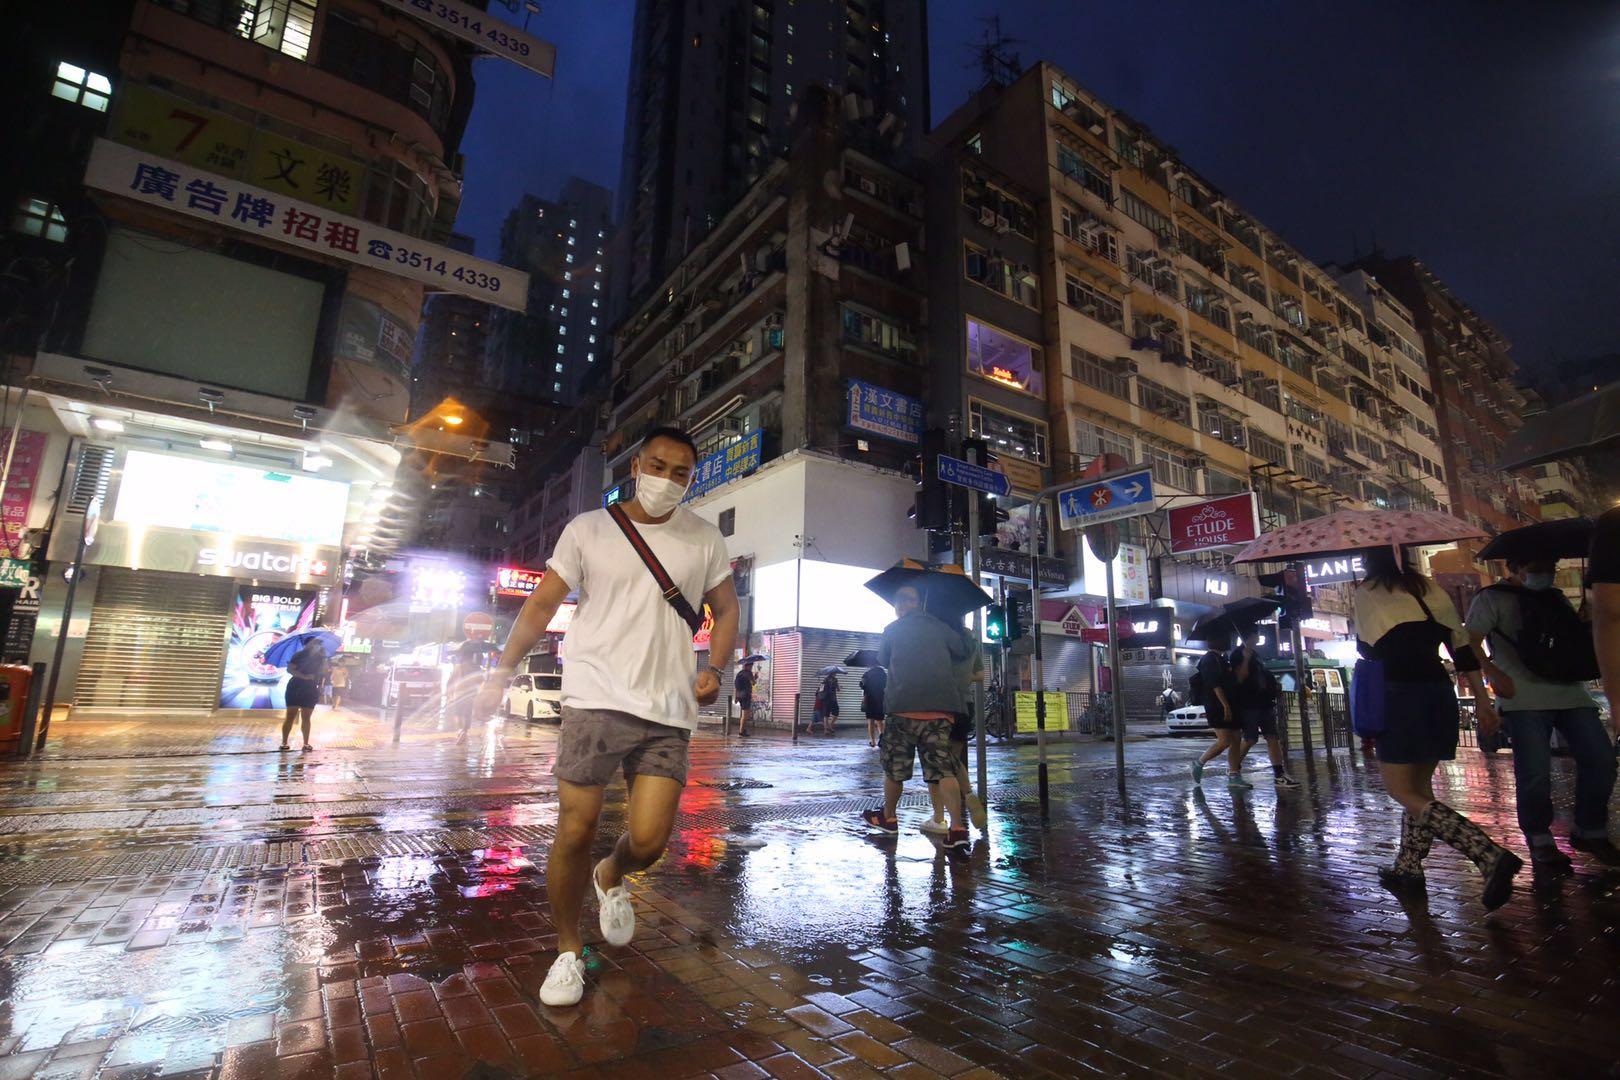 受到熱帶氣旋「浪卡」影響,香港今日(13日)旺角街上同戲院晚上人流稀疏。(大公文匯全媒體記者 馬丁 攝)